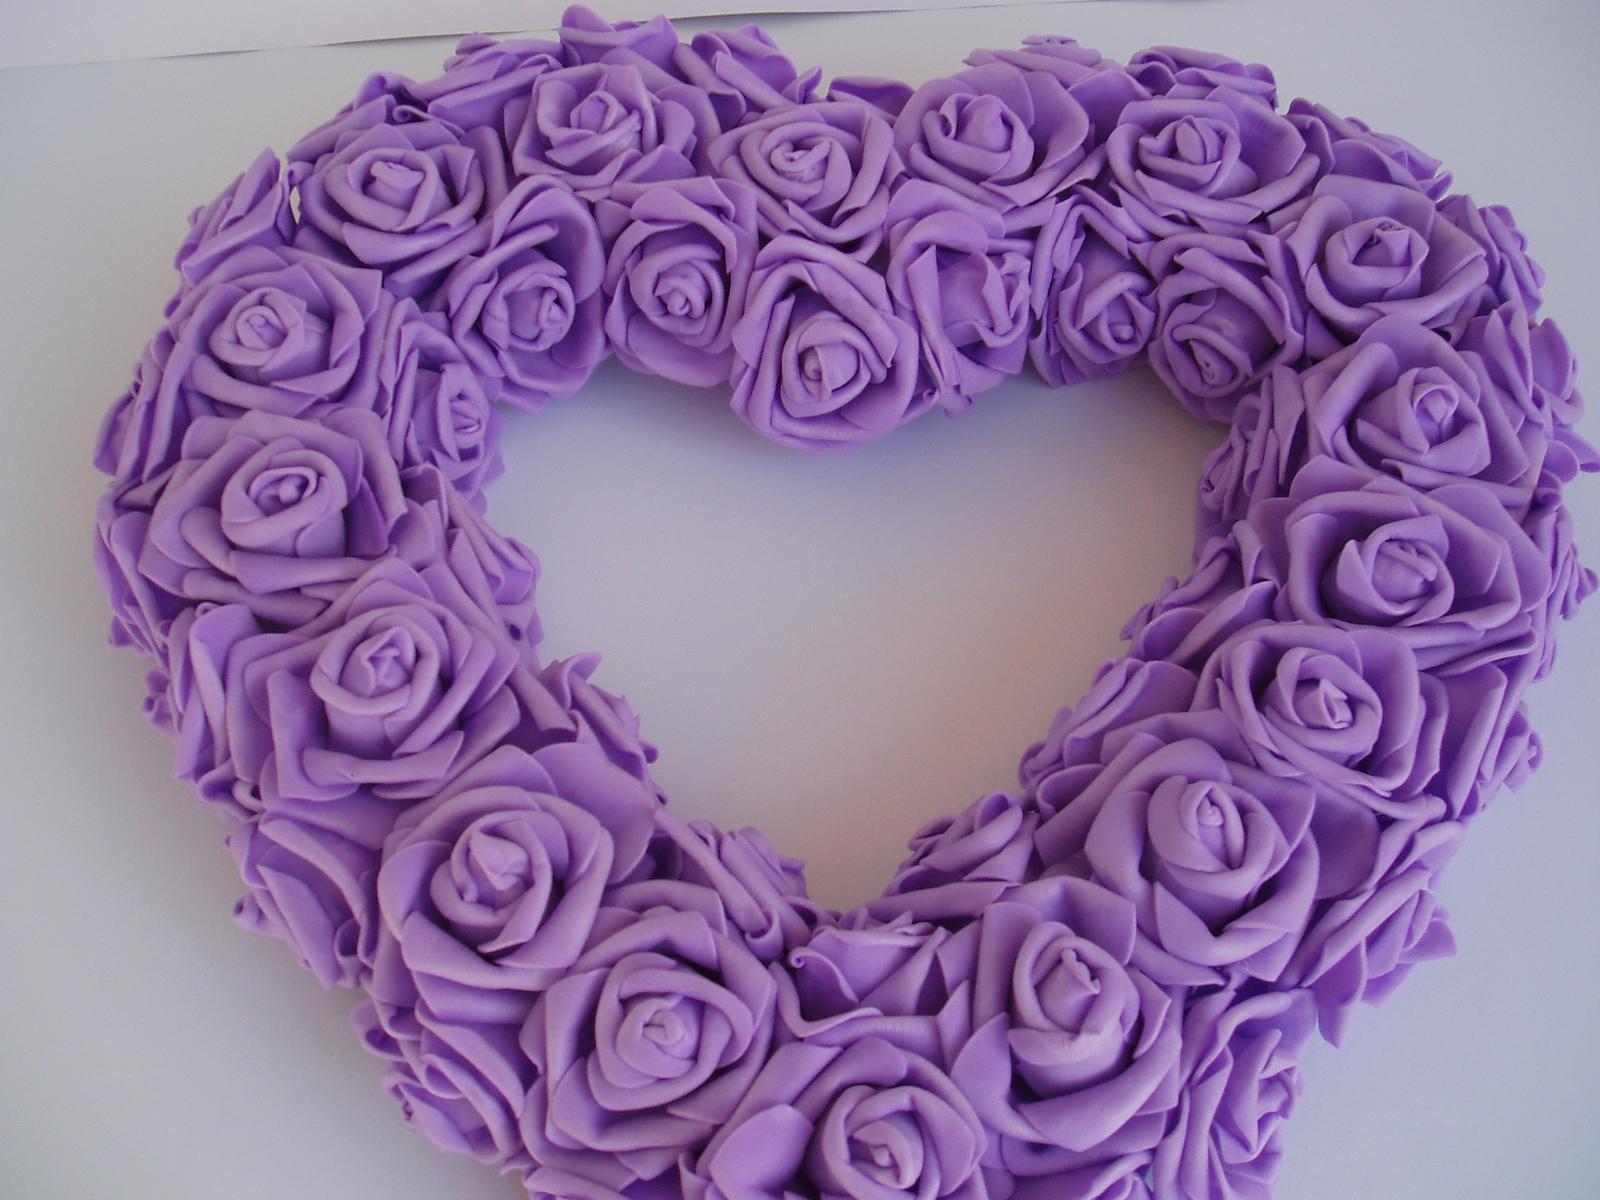 srdce z pěnových růží-fialové - Obrázek č. 1